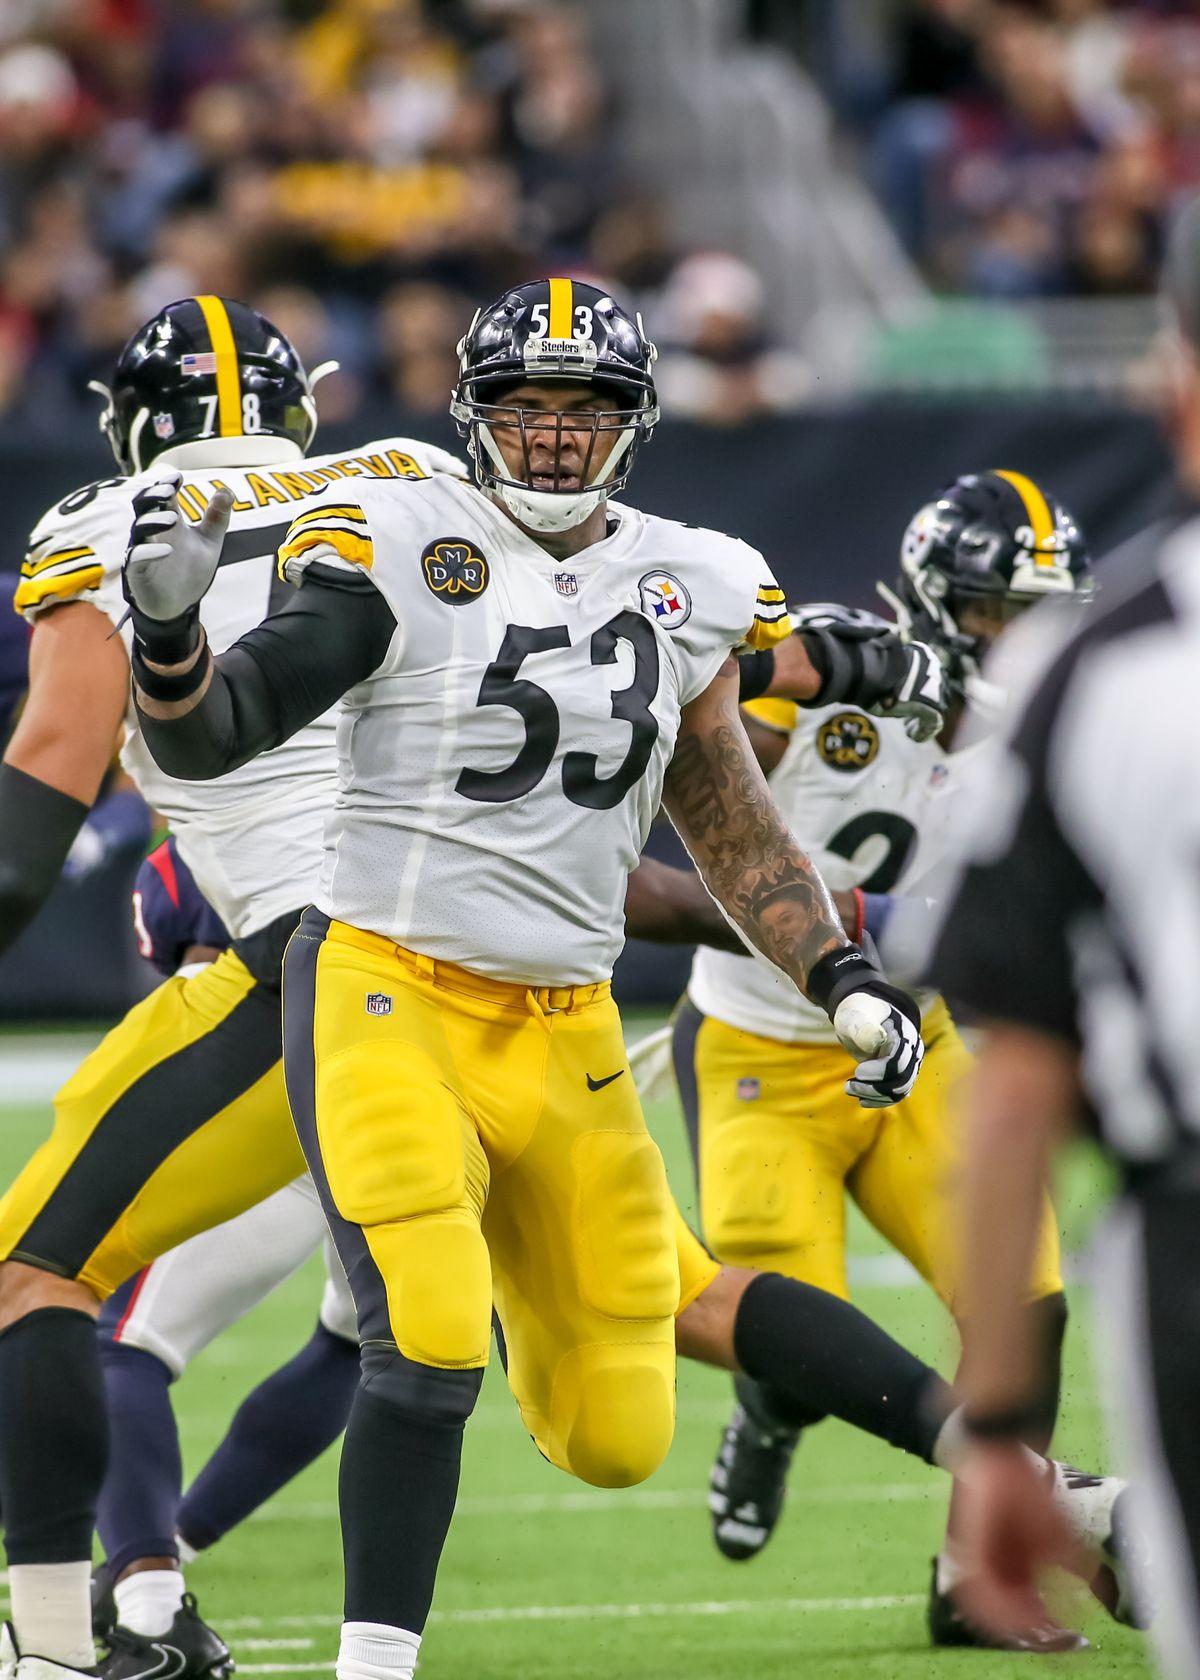 NFL: DEC 25 Steelers at Texans